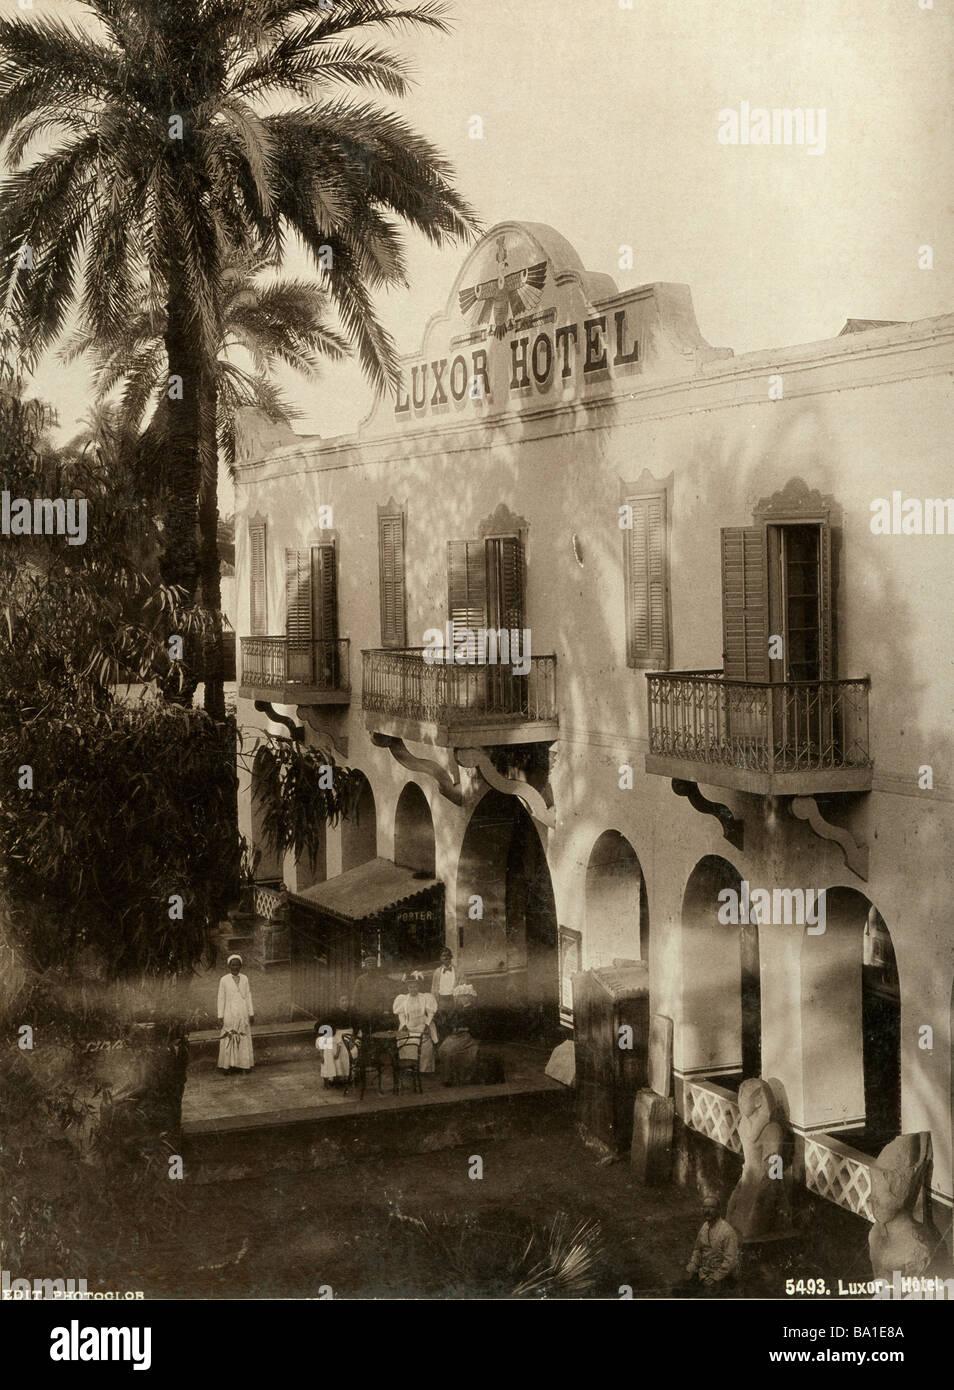 Geografia / viaggi, Egitto, Luxor, gastronomia, Hotel Luxor, vista esterna, ingresso, Edition Photoglob, um 1890, Immagini Stock